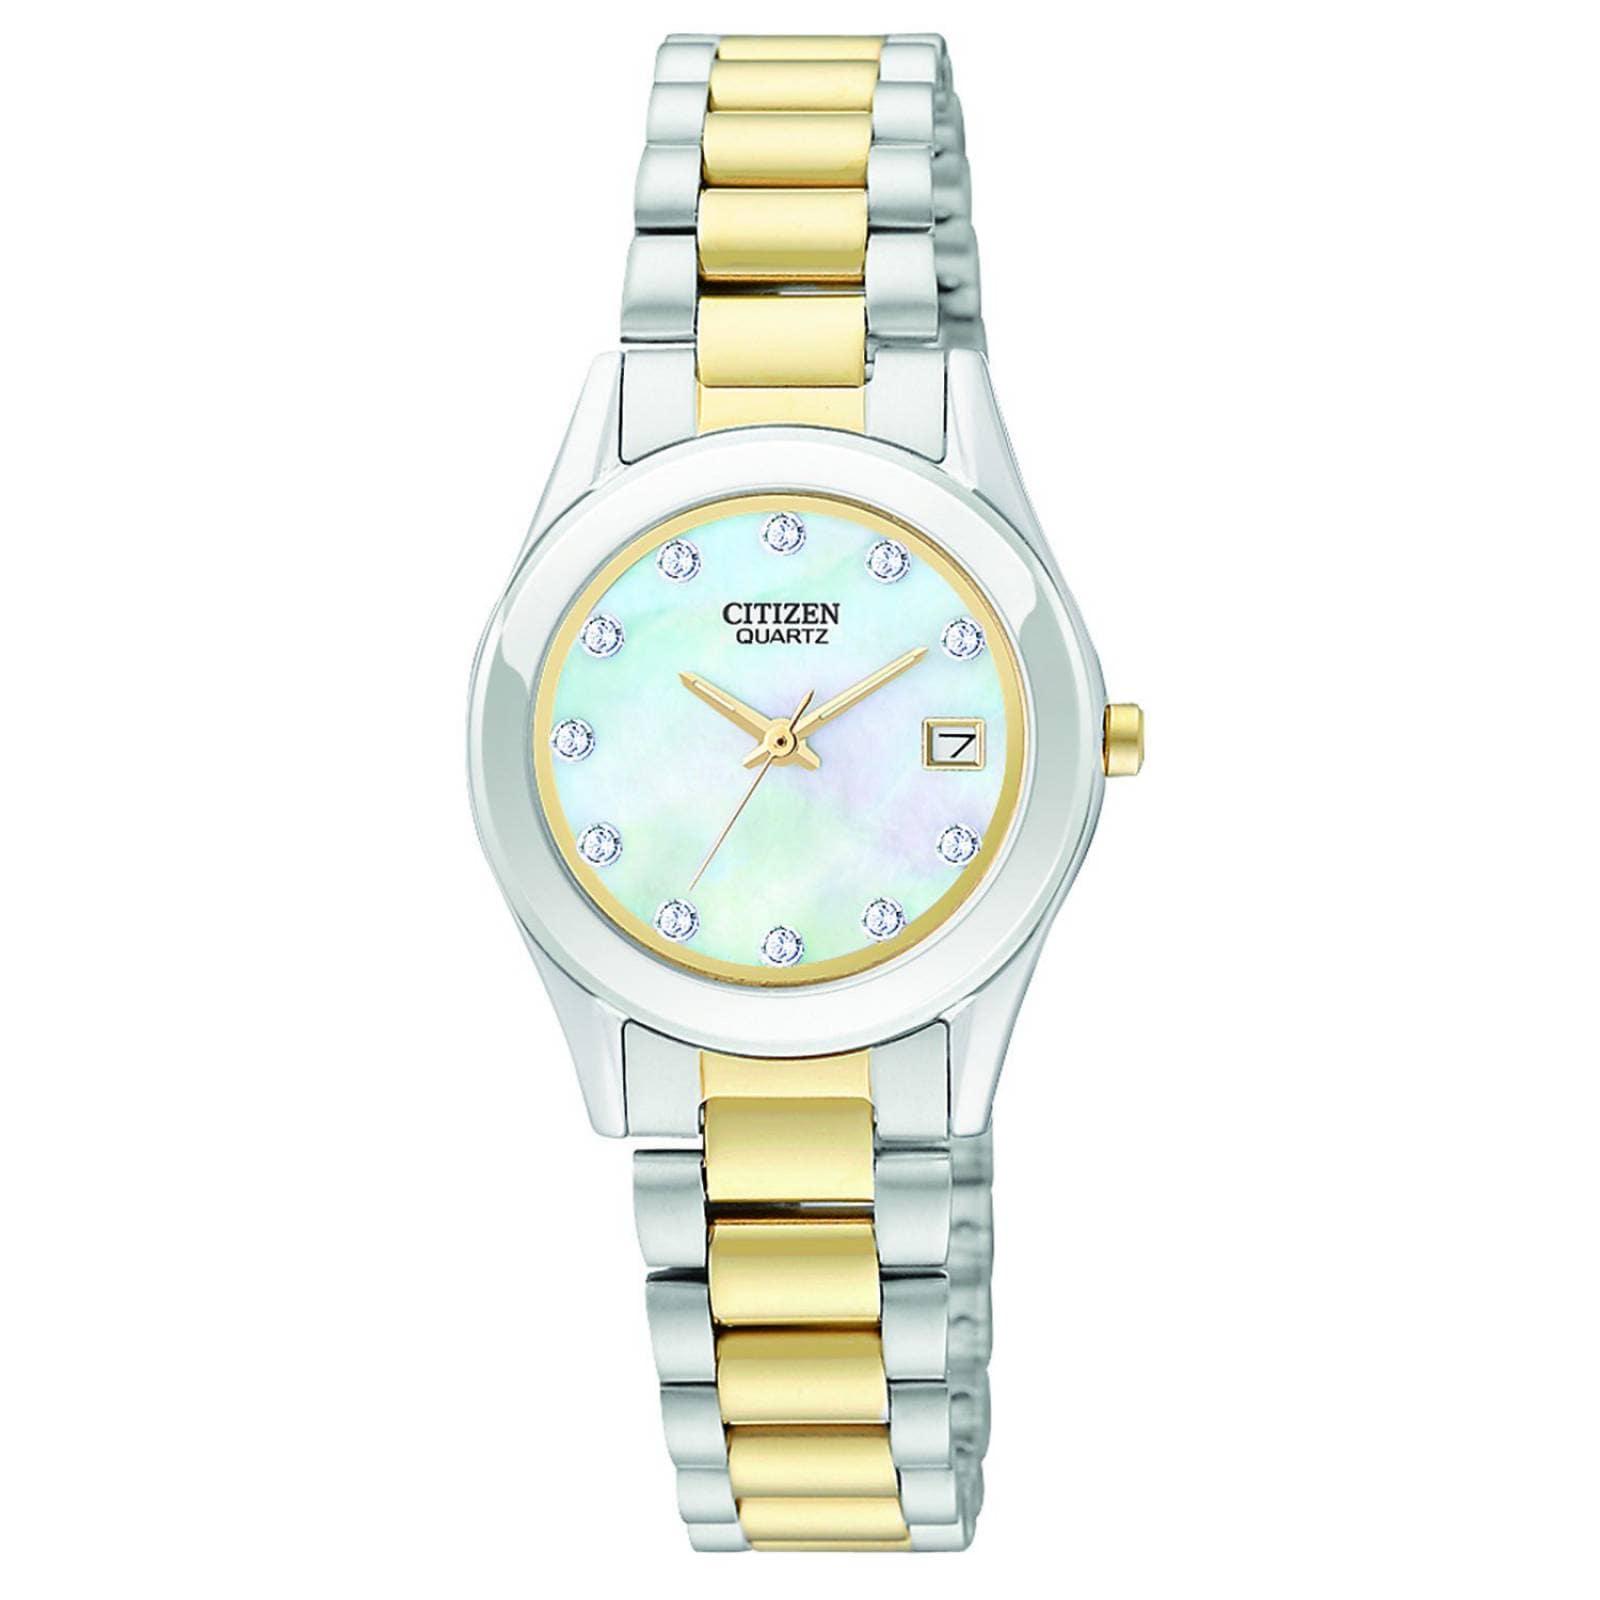 c0f9fee41f11 Reloj citizen dama quartz collection